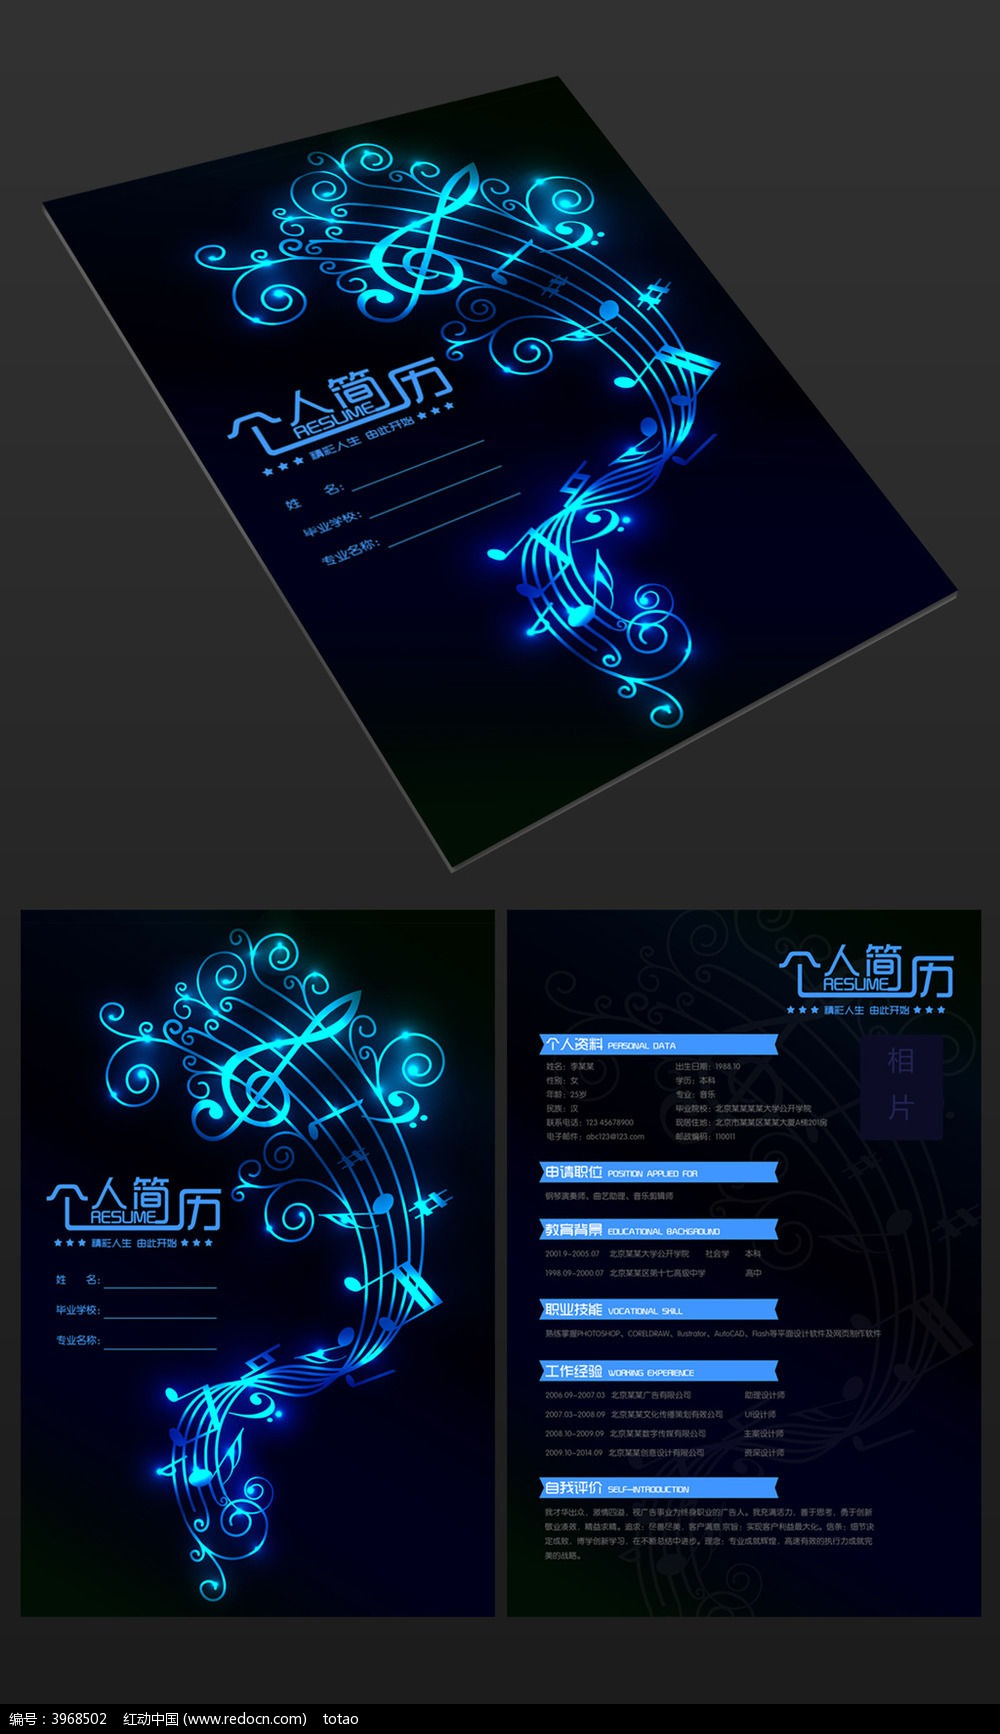 原创设计稿 海报设计/宣传单/广告牌 求职简历 音乐类个人简历模板图片